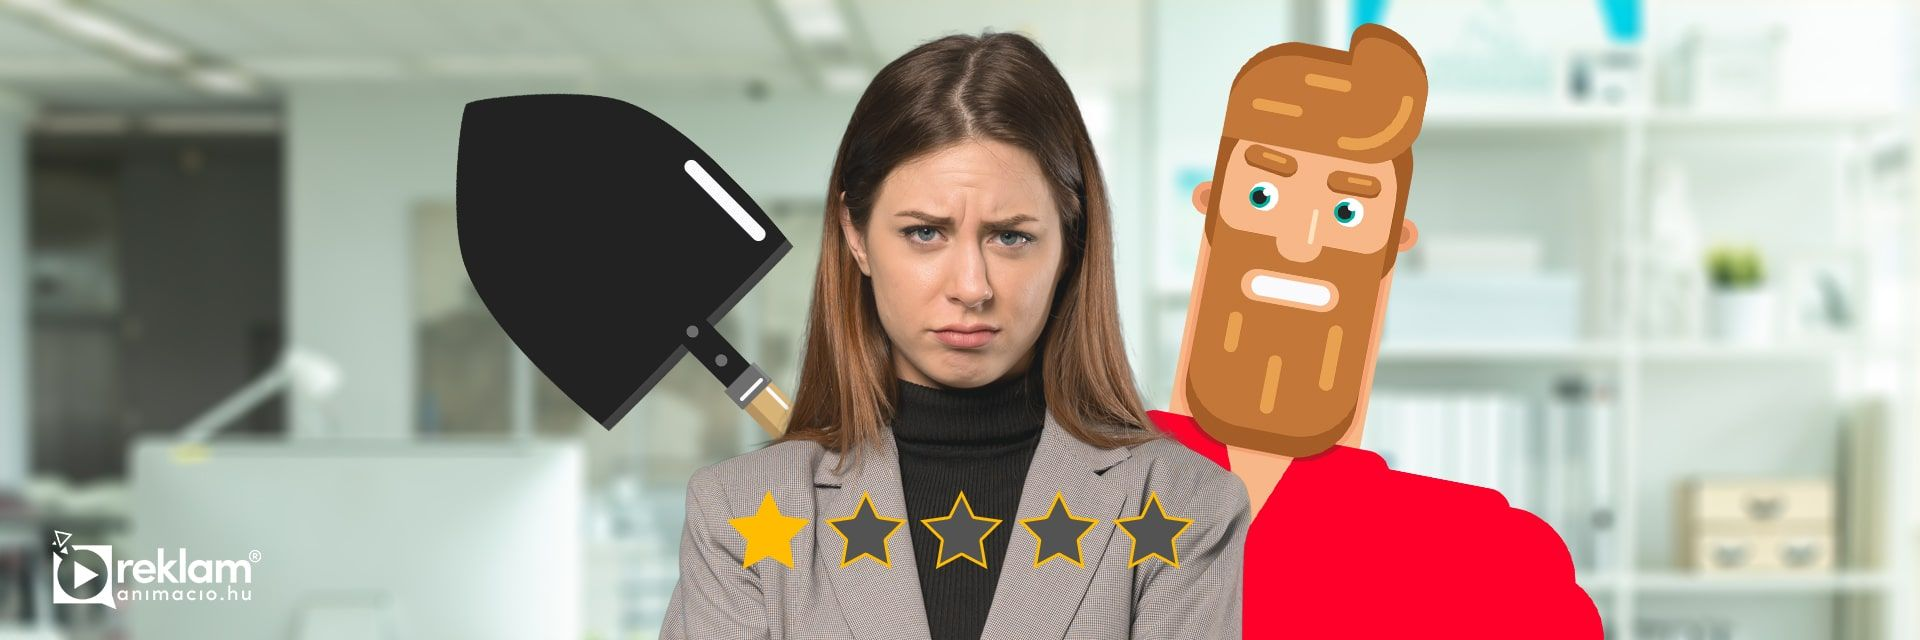 Hogyan kezeld a negatív Facebook és/vagy Google-értékeléseket?